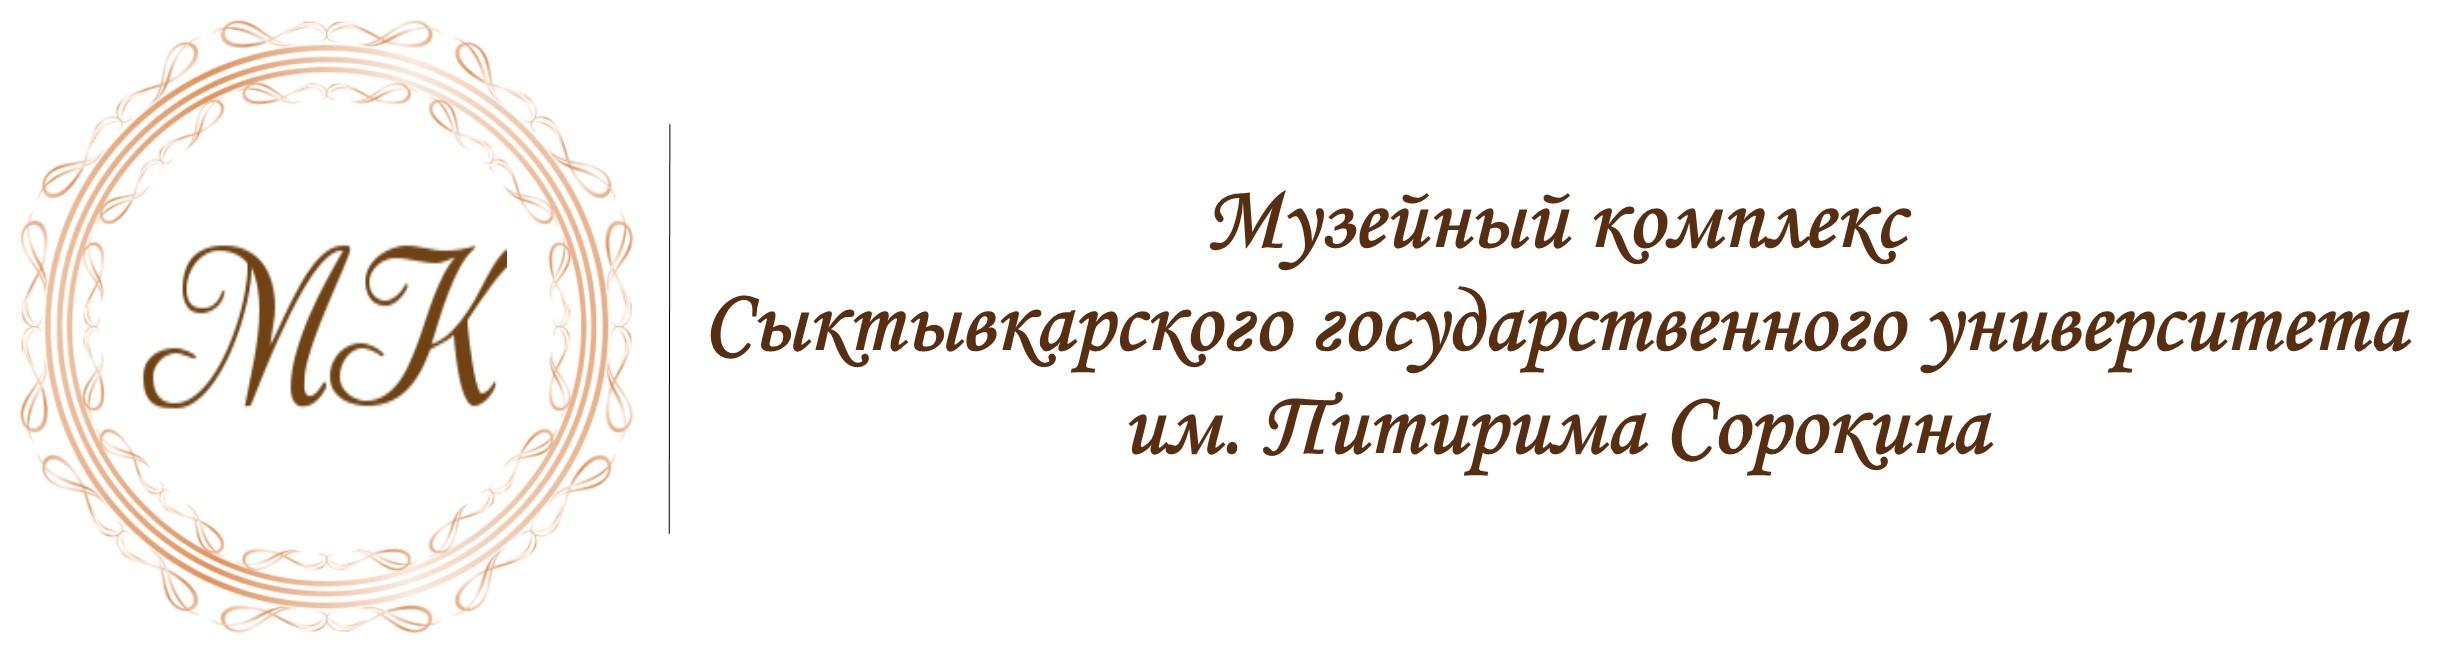 Музейный комплекс Сыктывкарского государственного университета им. Питирима Сорокина